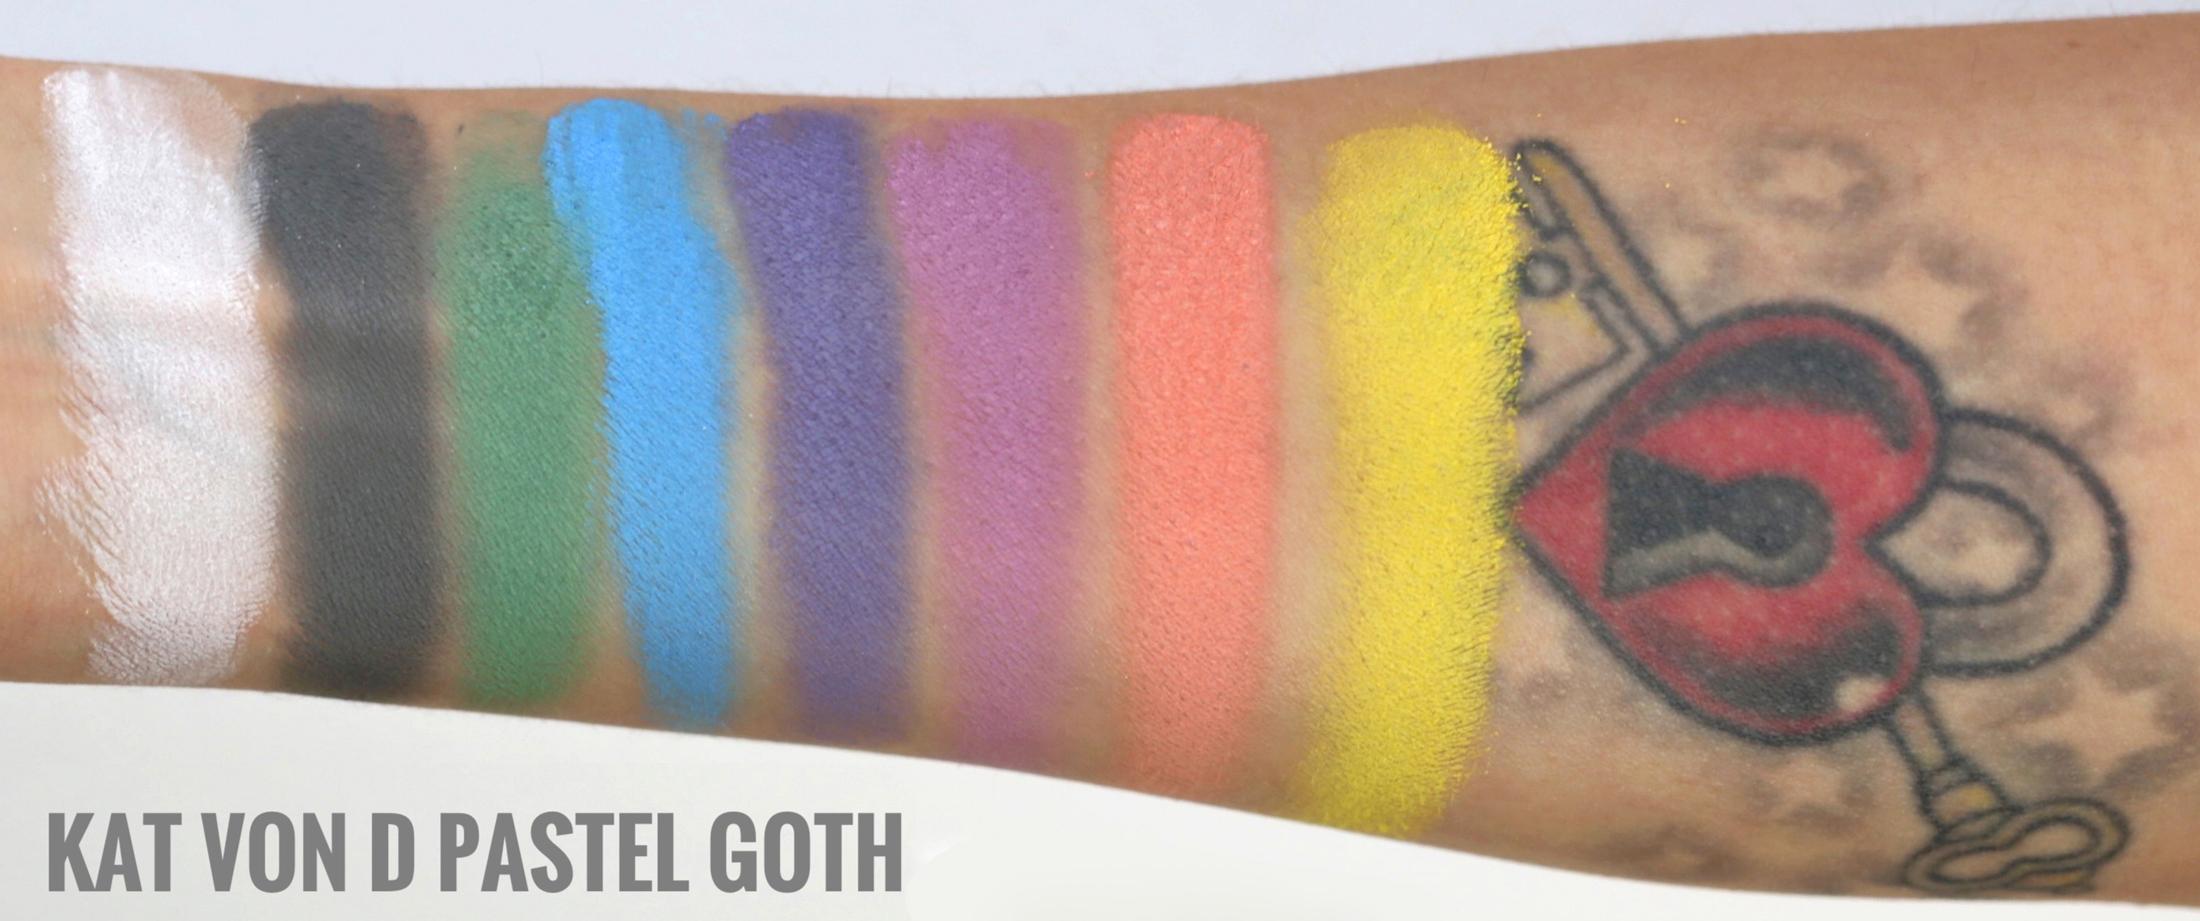 Kat Von D Pastel Goth Swatches.jpg